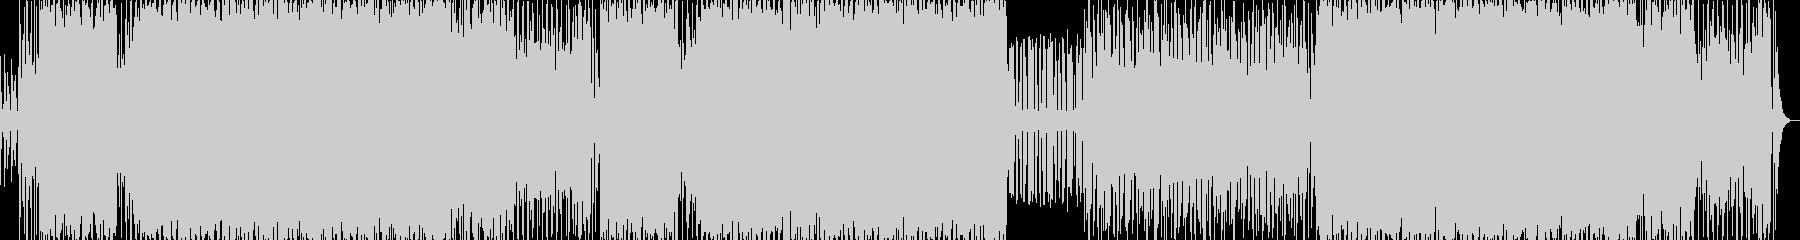 近未来的なサイバーバトルアクションBGMの未再生の波形